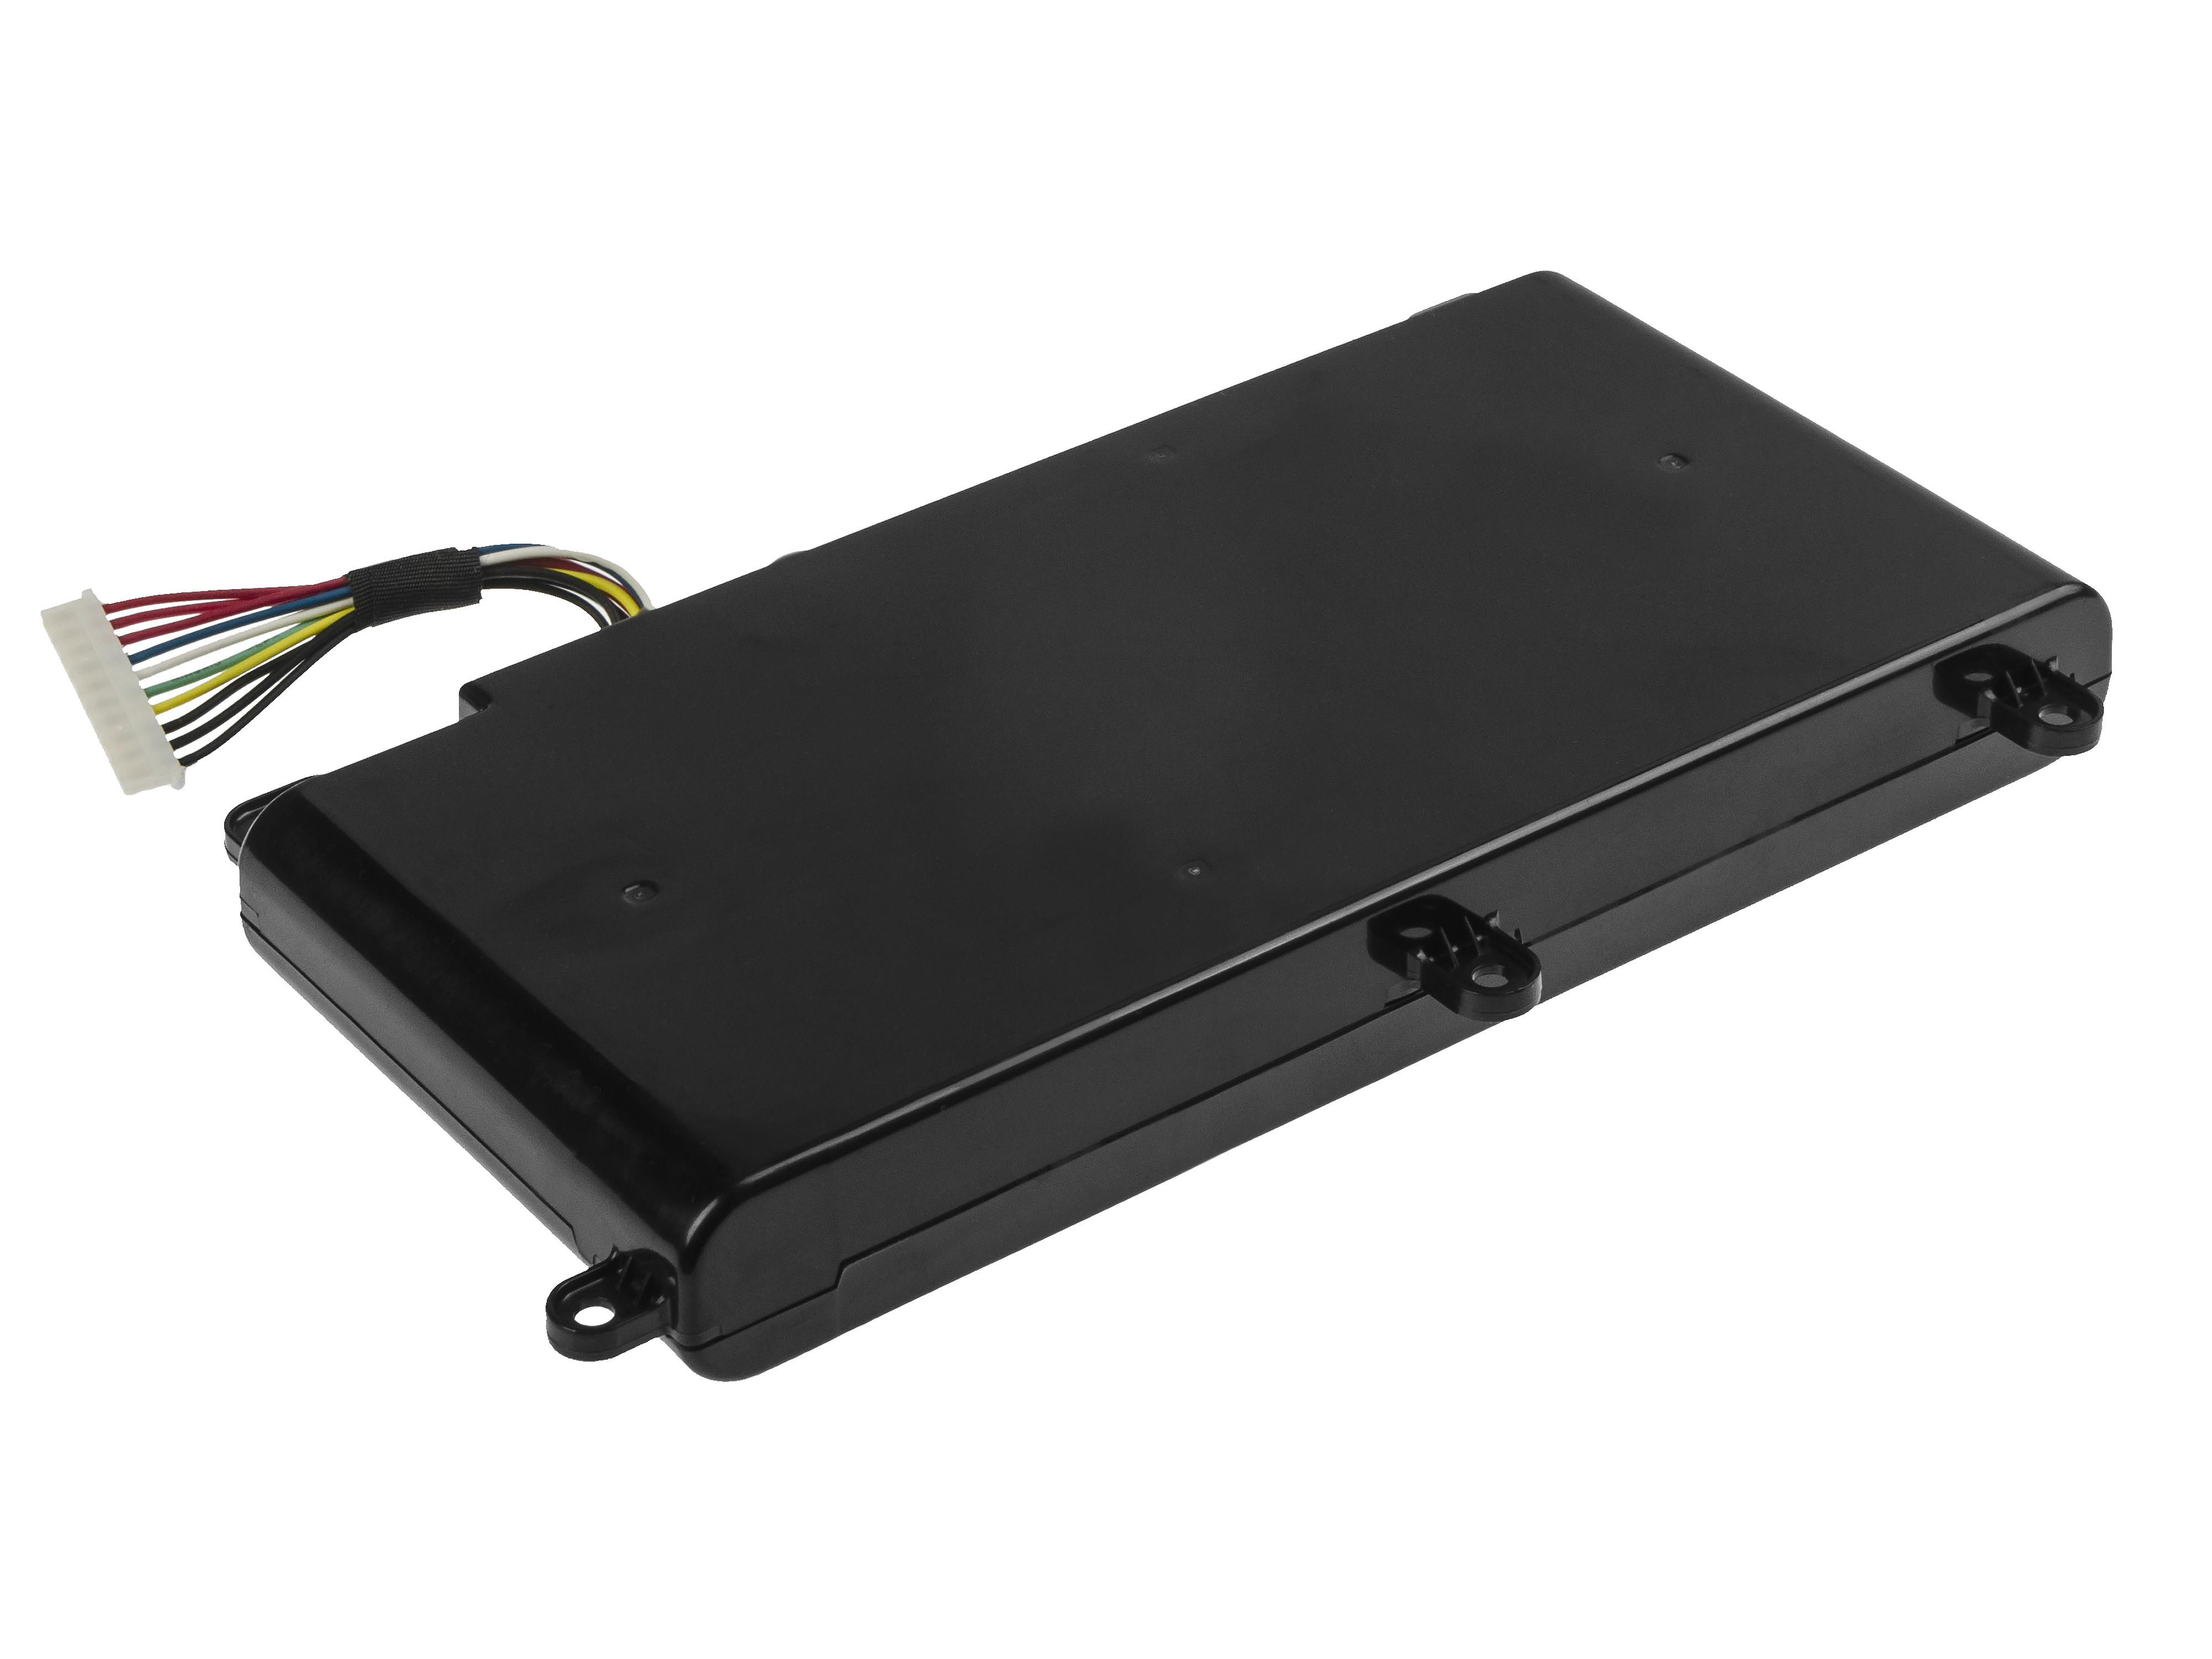 Green Cell Baterie AS15B3N pro Acer Predator 15 G9-591 G9-592 G9-593 17 G9-791 G9-792 G9-793 17X GX-791 GX-792 21X